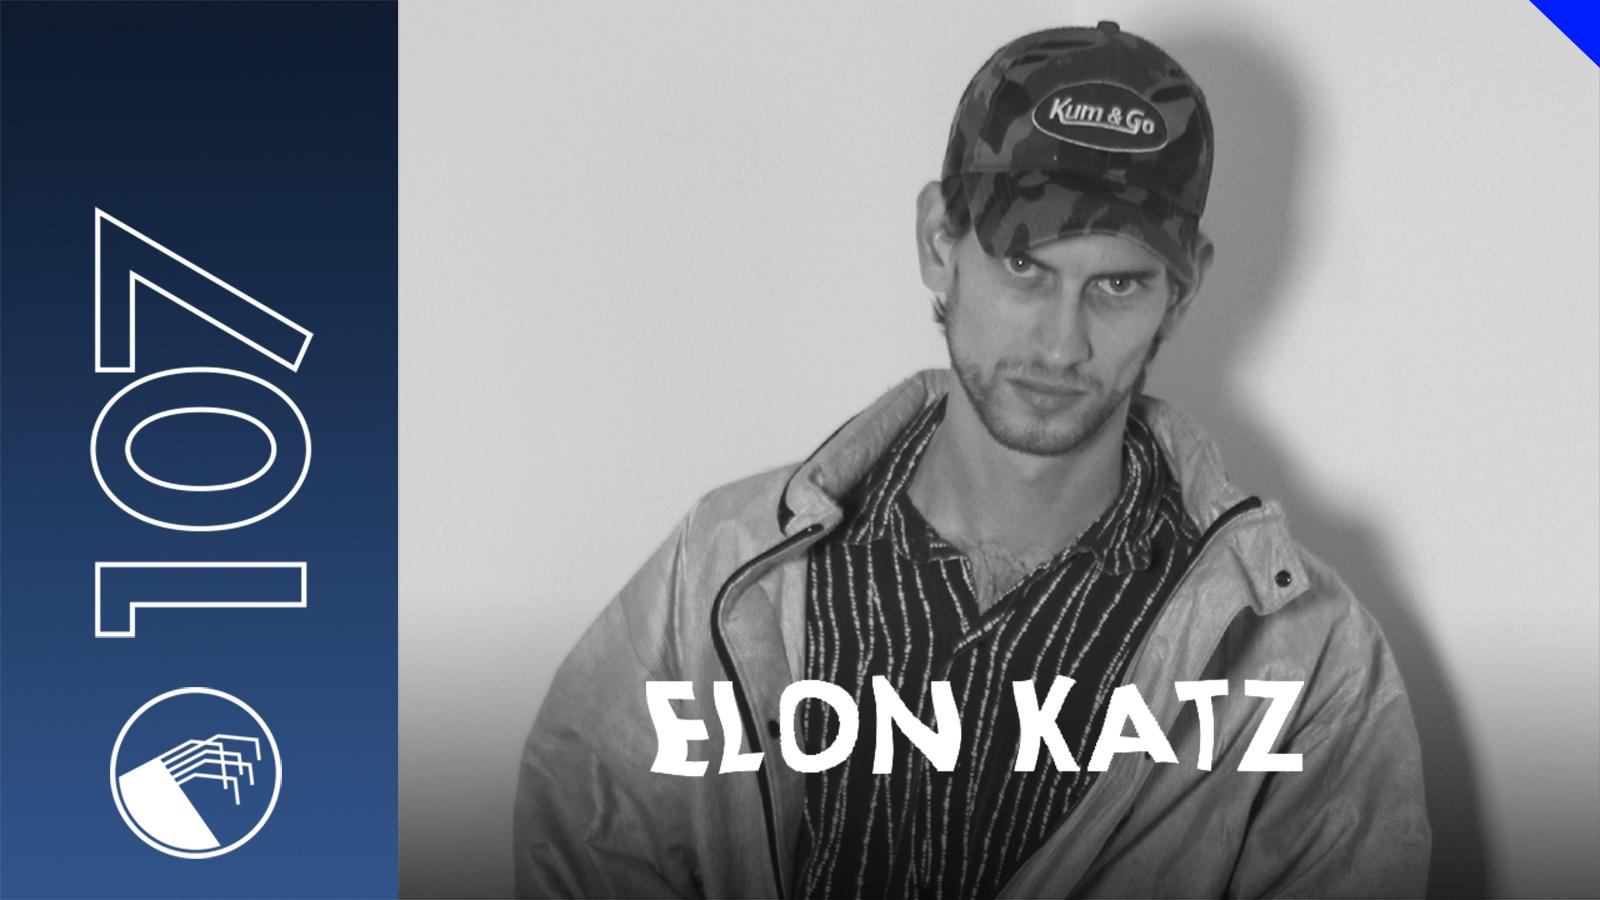 107 Elon Katz